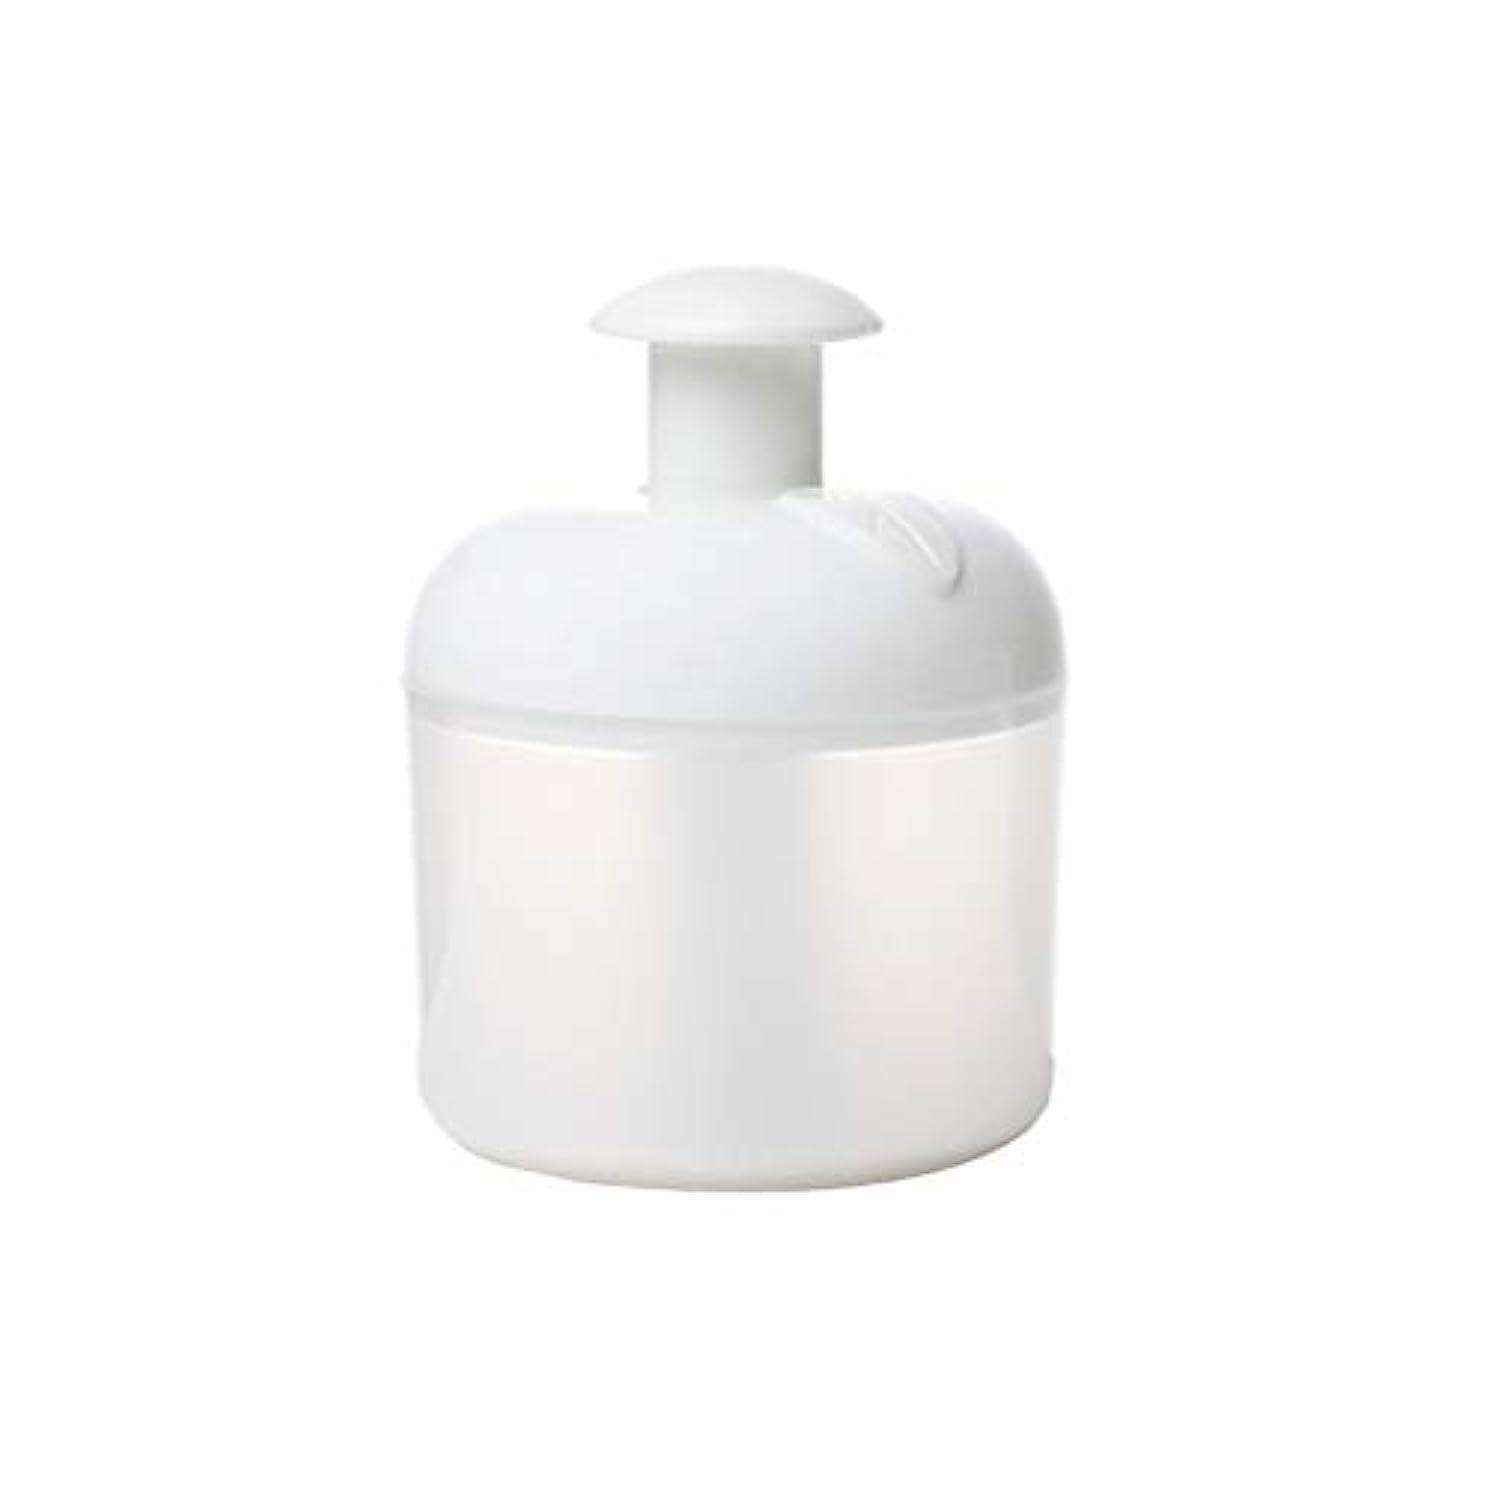 流掘る十分ではないLurrose 洗顔泡立て器フェイスクレンザーバブルメーカー用フェイスウォッシュスキンケアトラベル家庭用(ホワイト)